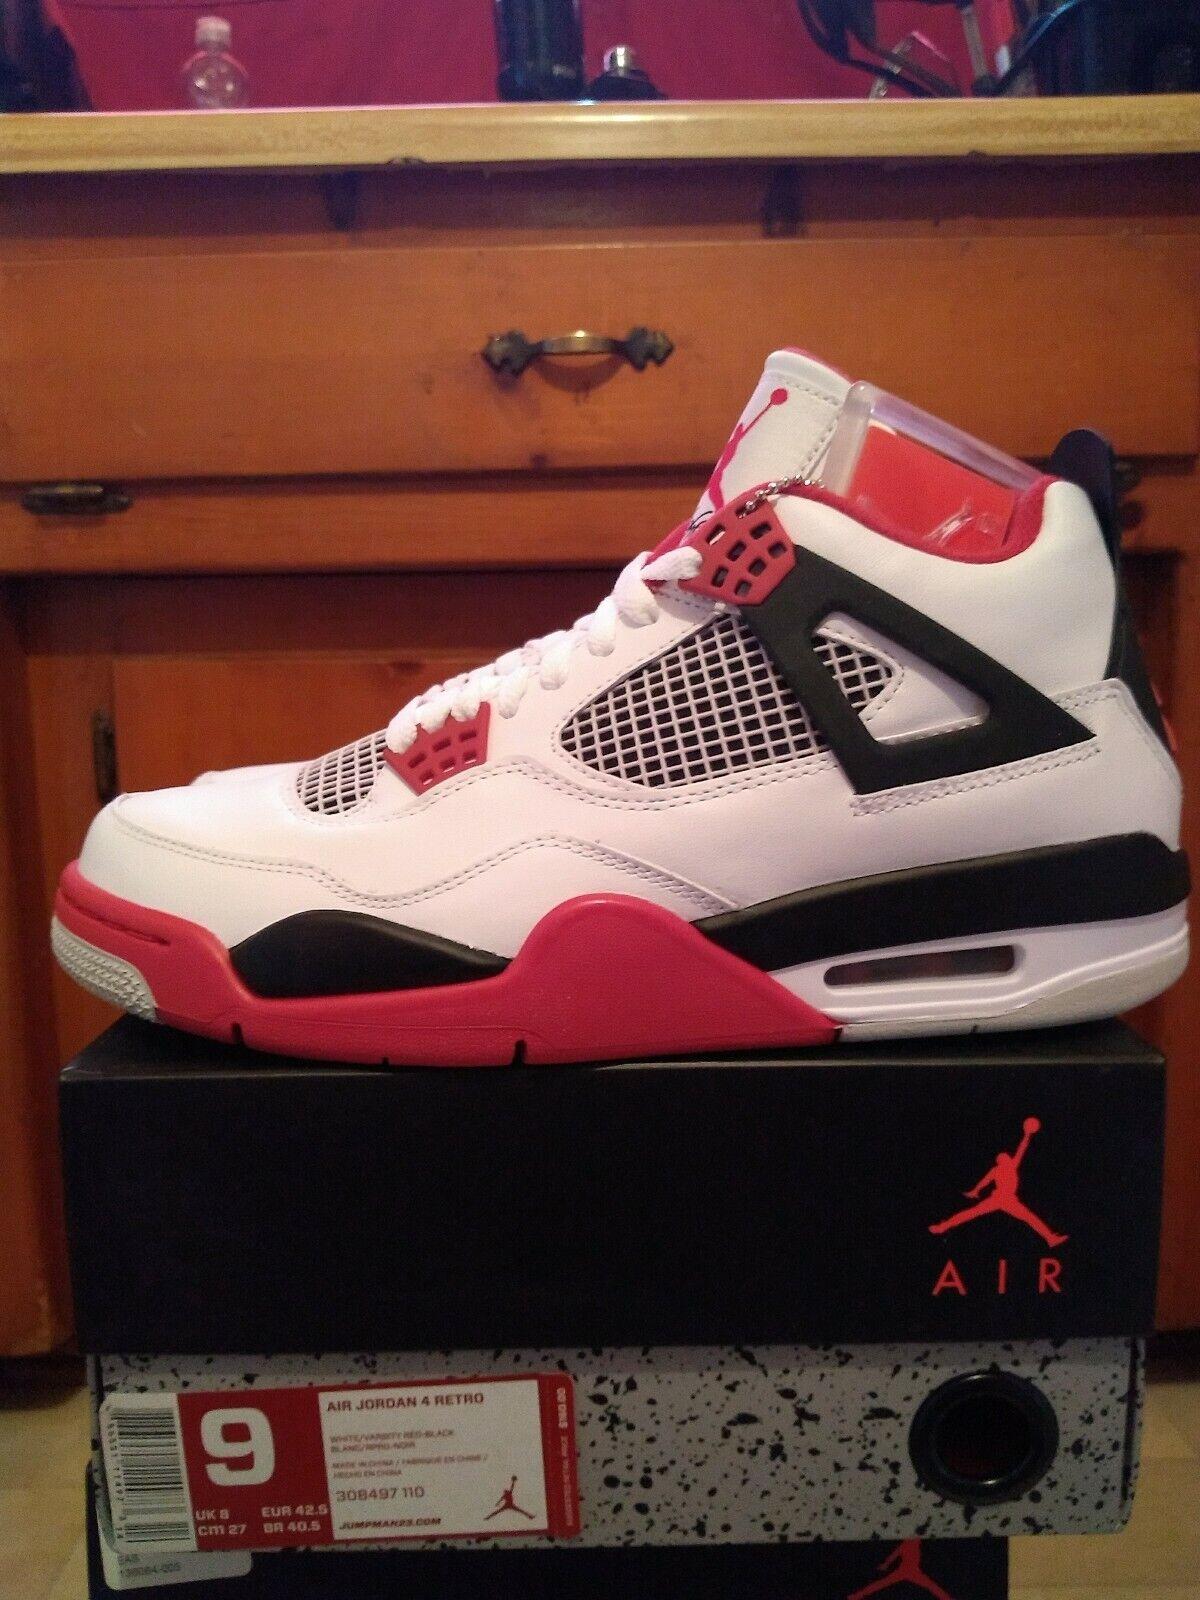 Jordan 4 Fuego Rojo blancoo Talla 9 DS